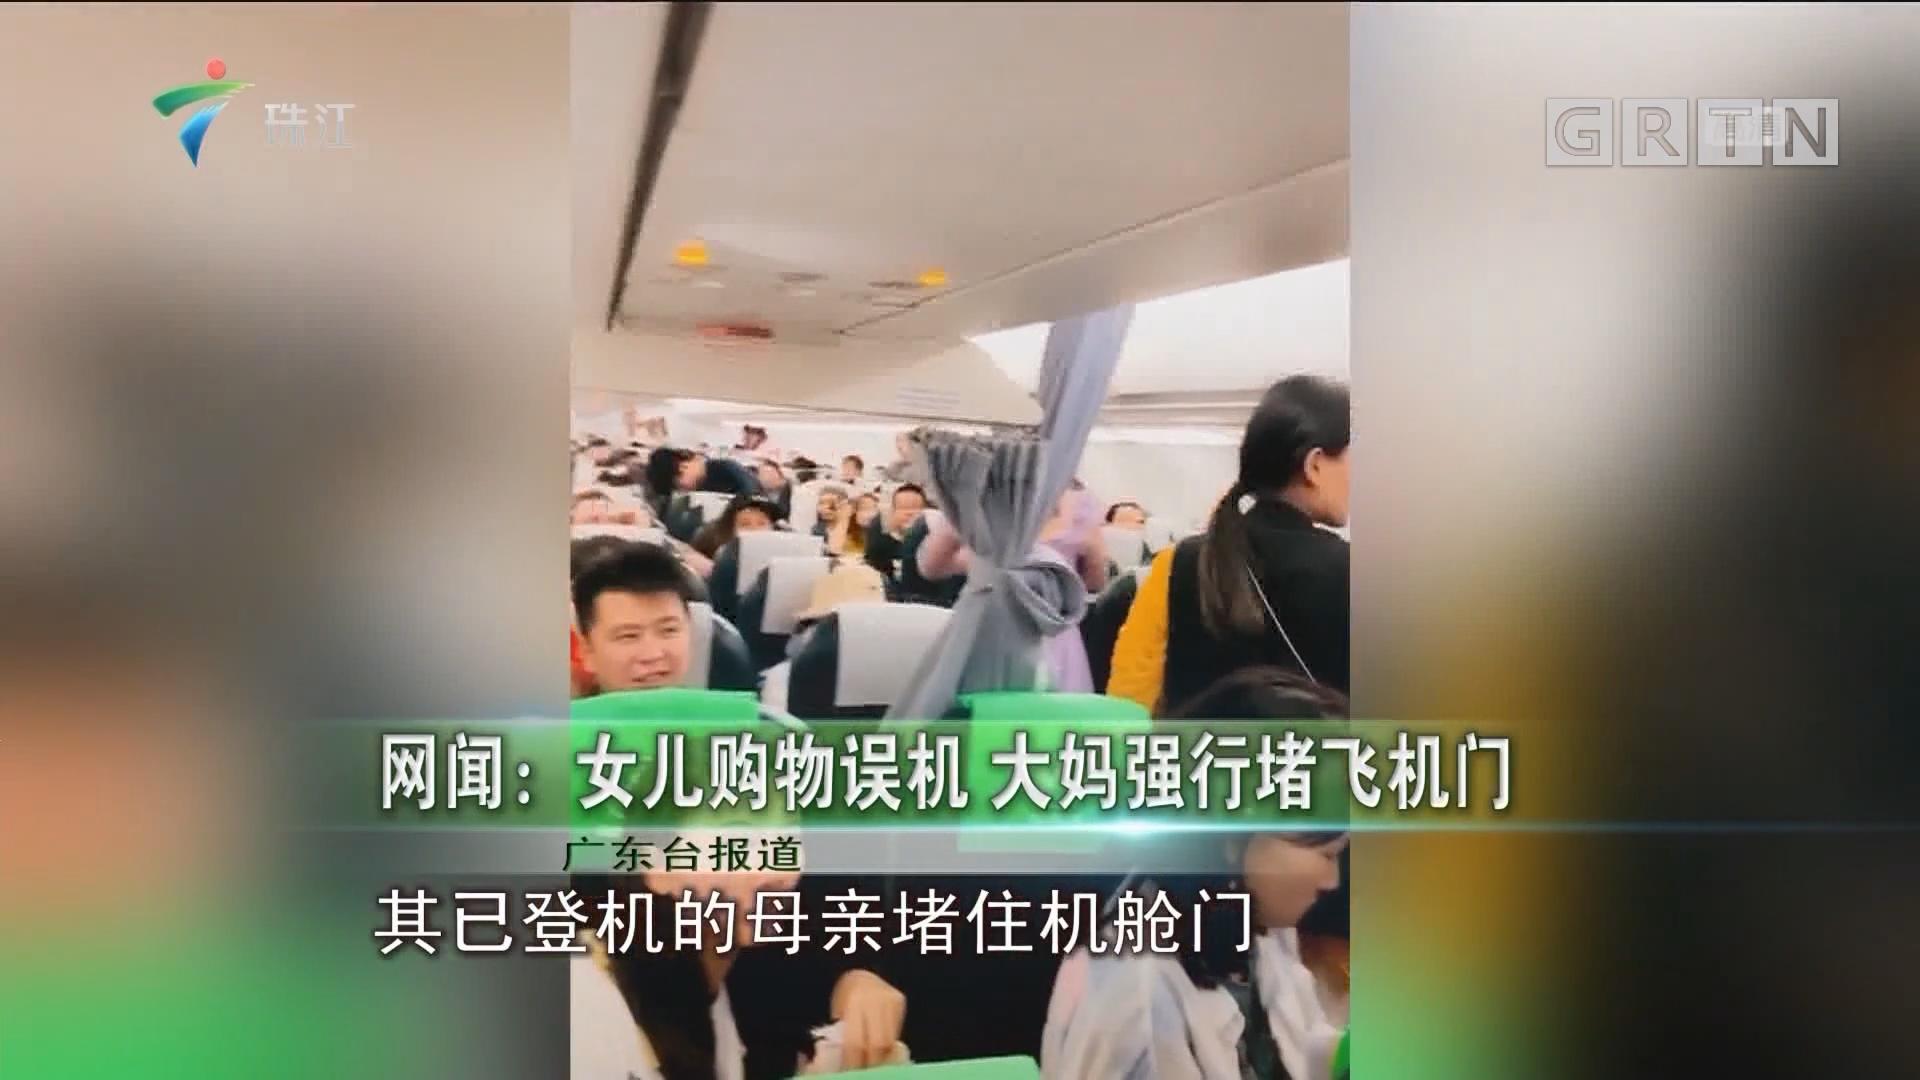 网闻:女儿购物误机 大妈强行堵飞机门